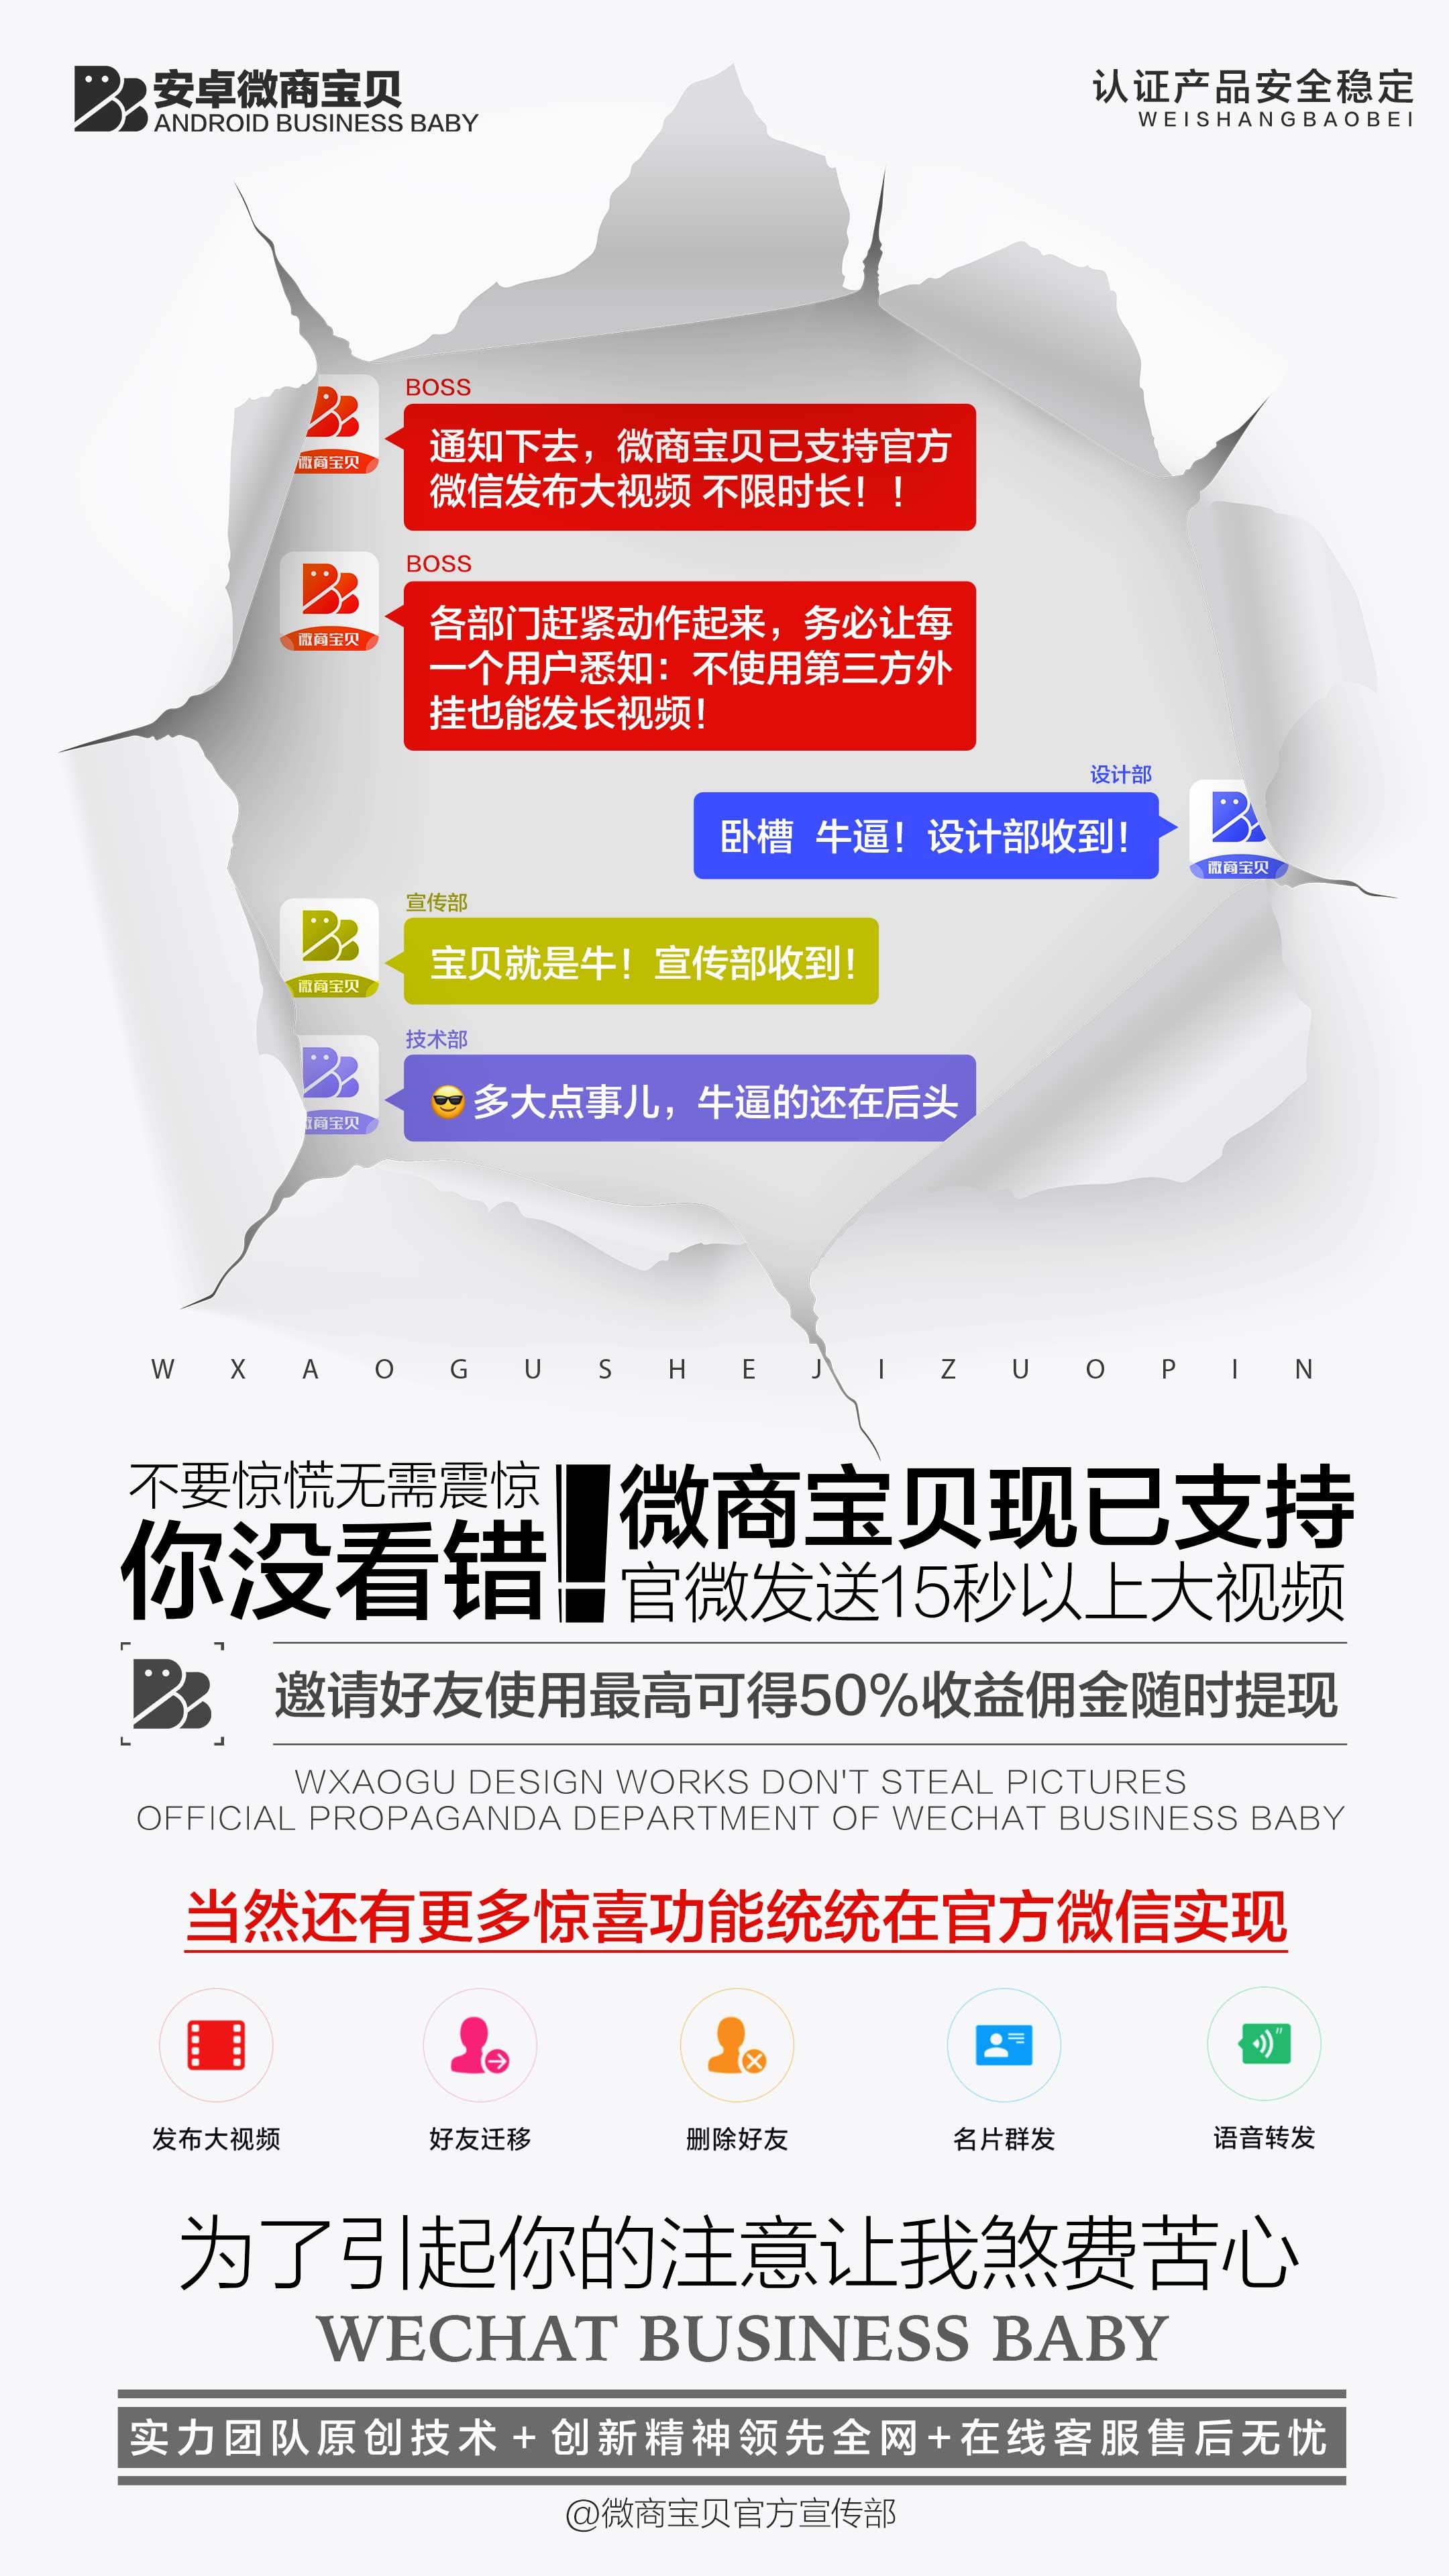 【微商宝贝官网】安卓微商宝贝支持官方微信大视频上传官网激活授权码